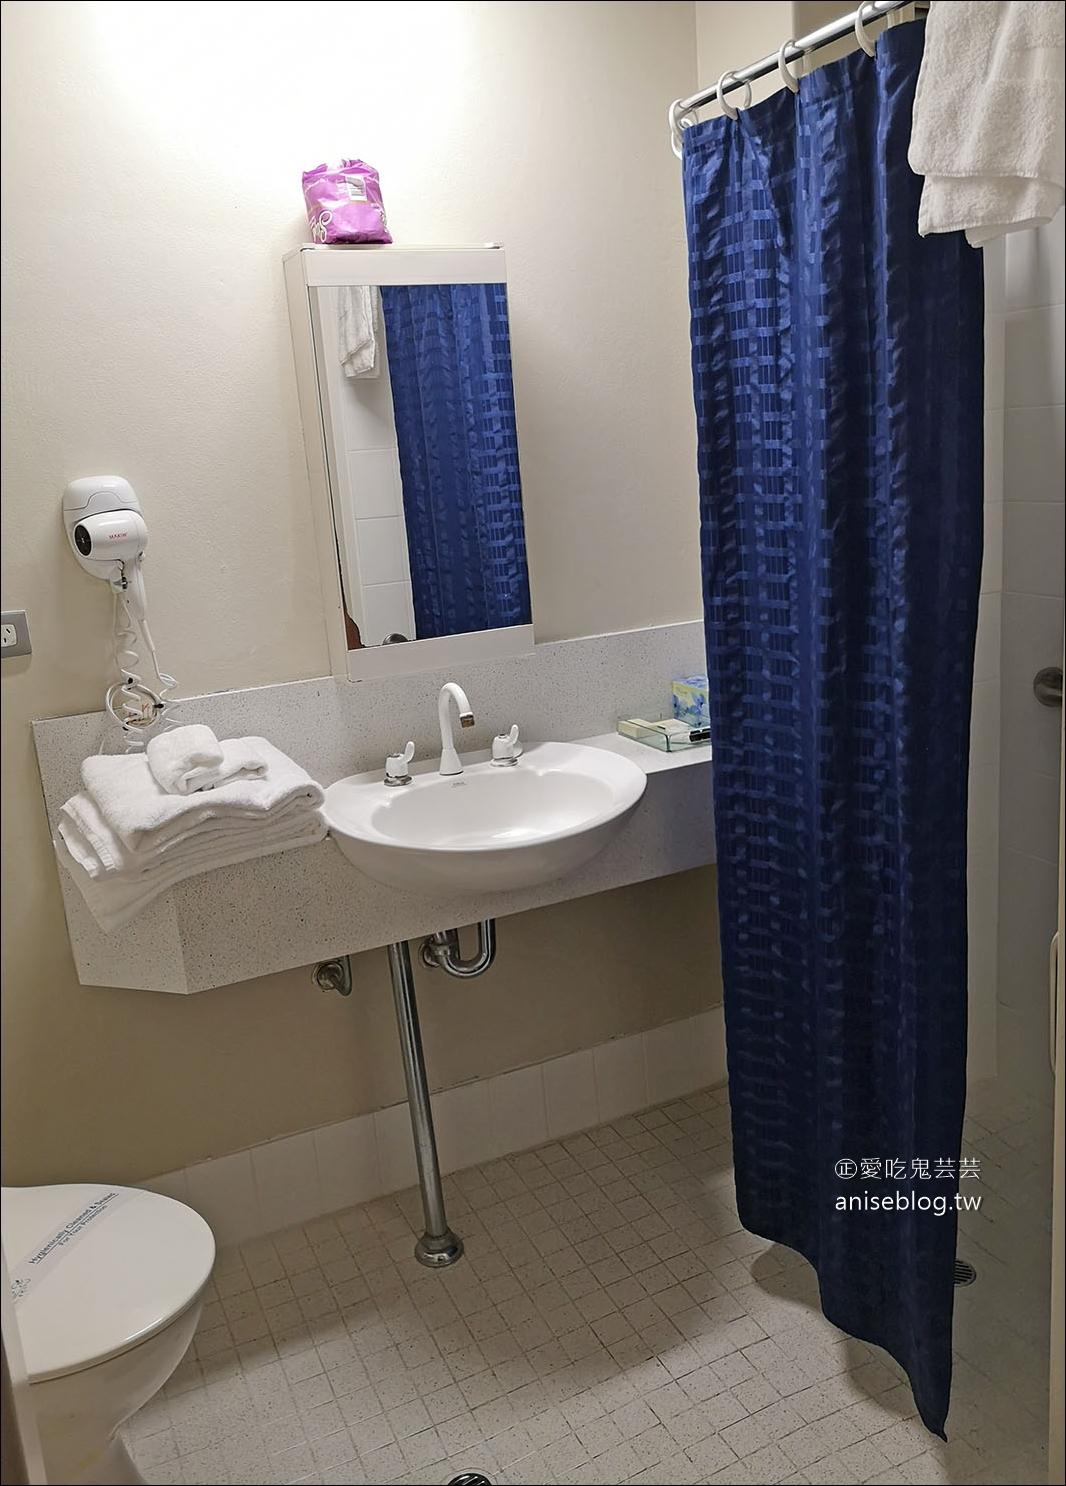 雪梨住宿推薦 | Mariners Court Hotel(航海閣), wooloomooloo海邊的可愛小飯店